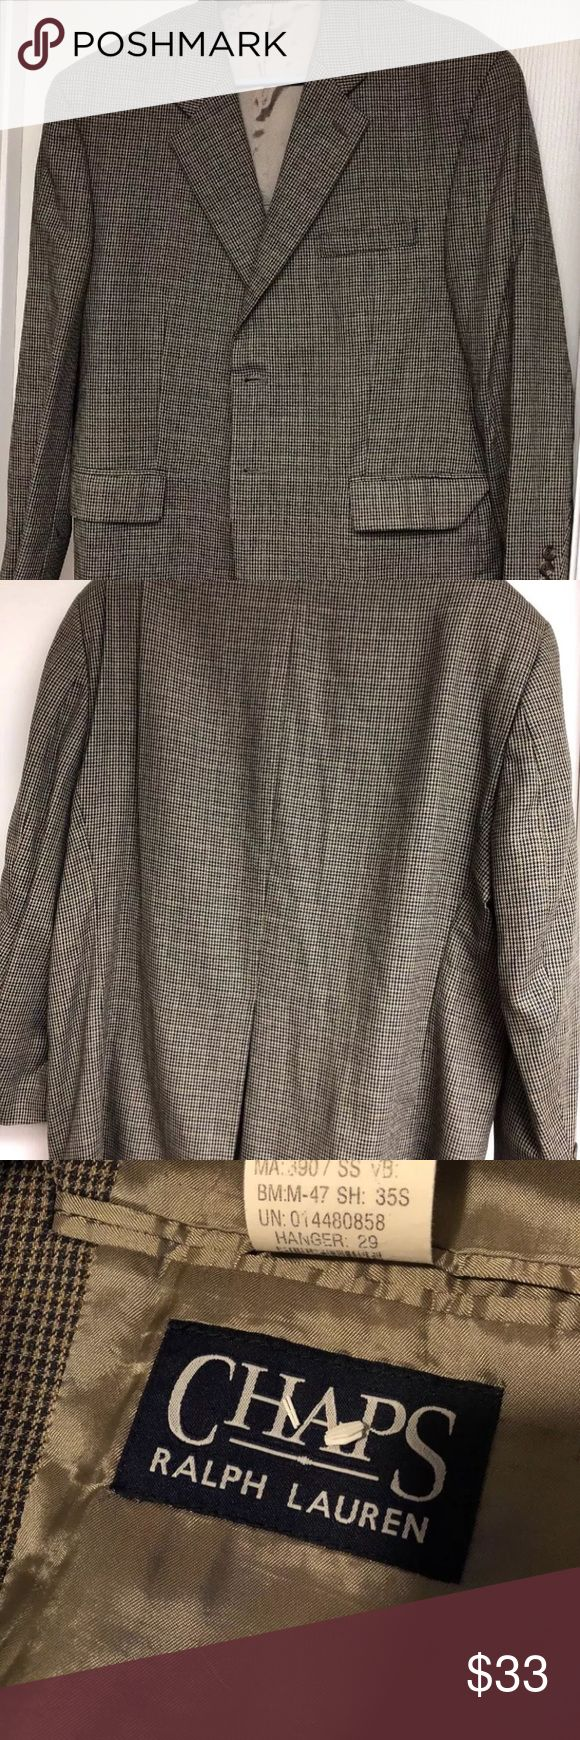 Men's Chaps Ralph Lauren Blazer Silk/Wool 44s Men's Chaps beige Ralph Lauren blazer. Size 44s excellent Condition Suits & Blazers Sport Coats & Blazers